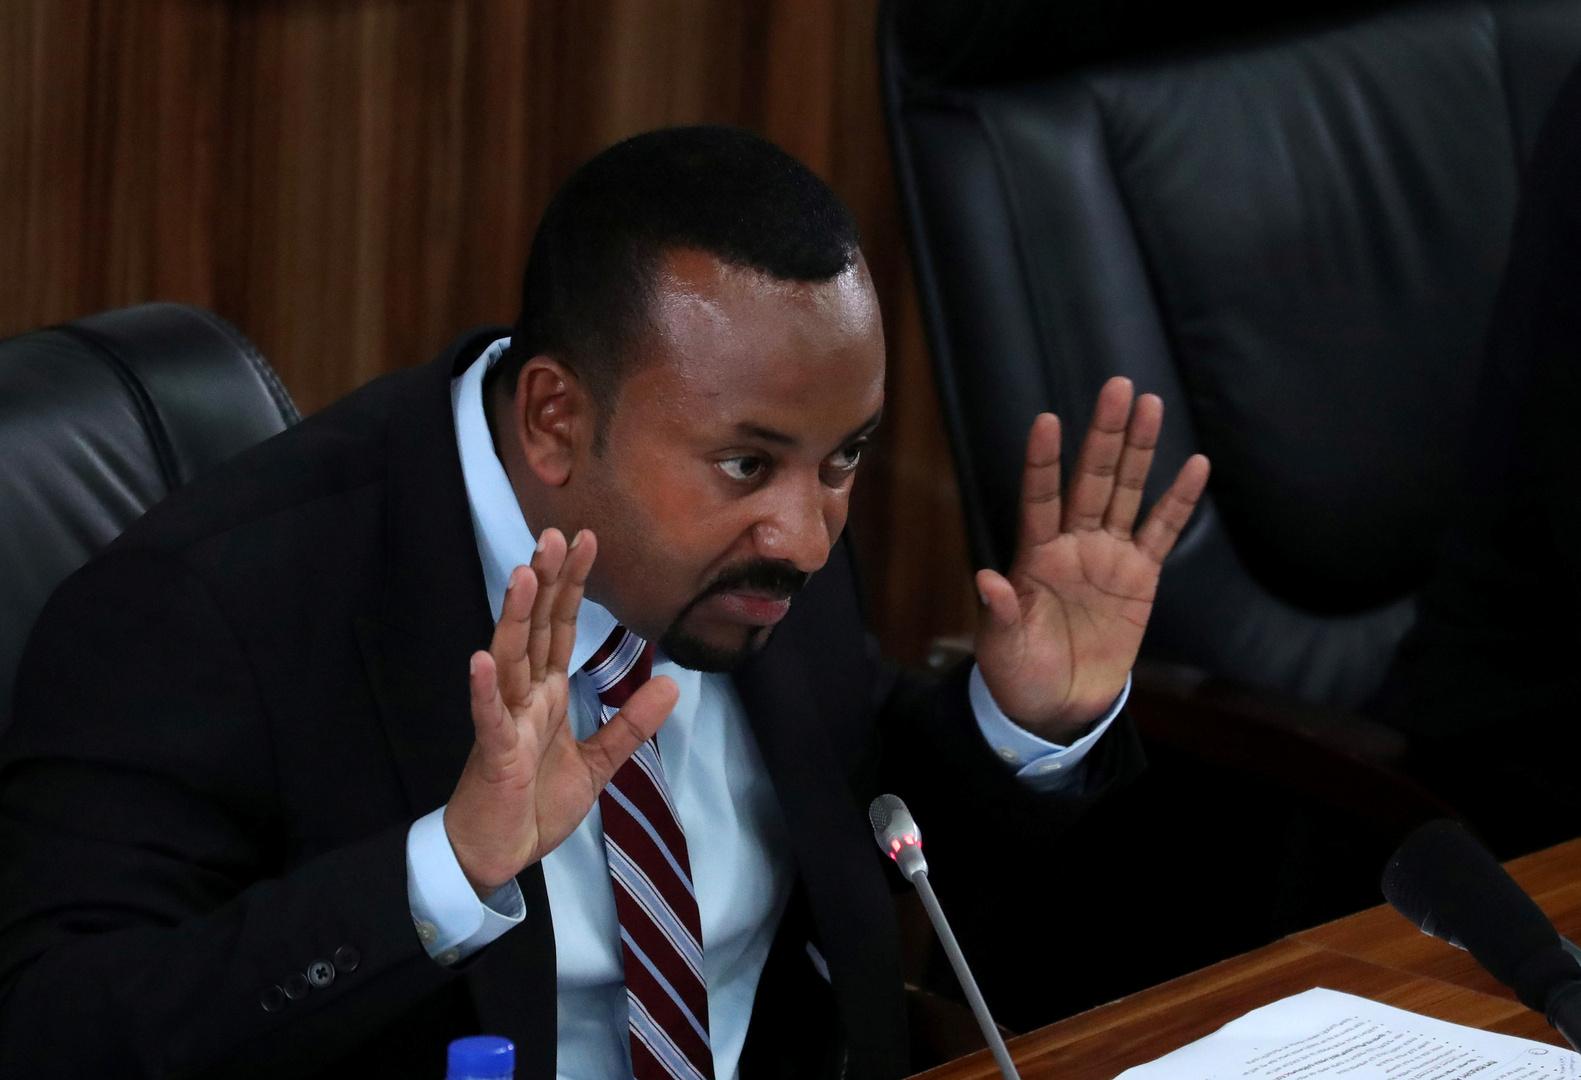 أبي أحمد، رئيس وزراء إثيوبيا